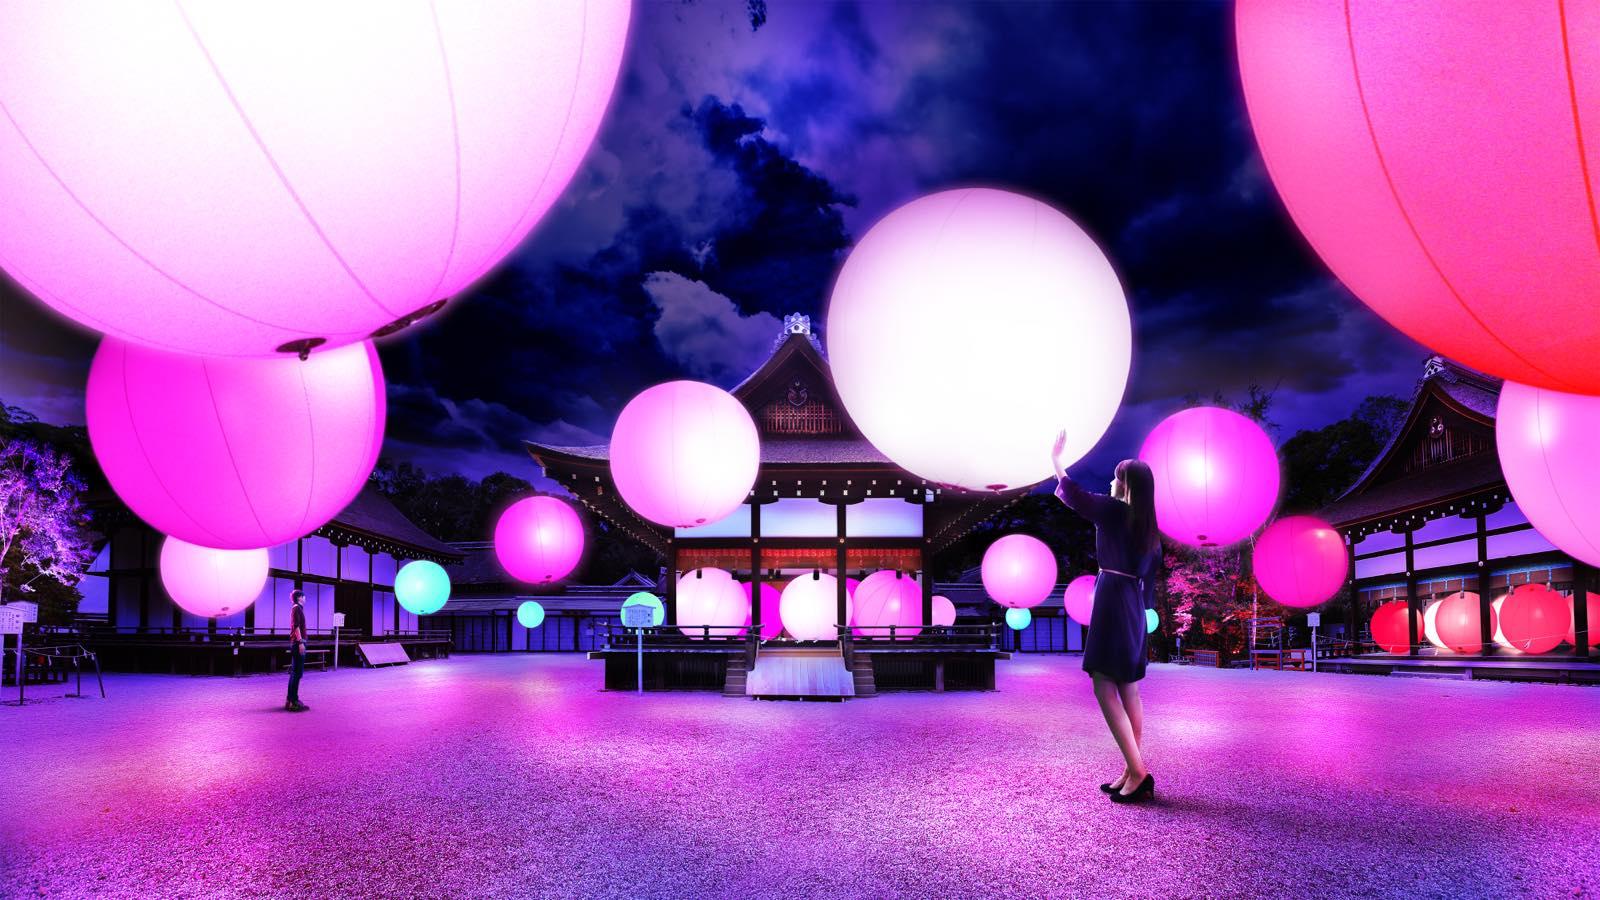 光のアート空間! チームラボ「下鴨神社 糺の森の光の祭」【今週のおすすめアート】